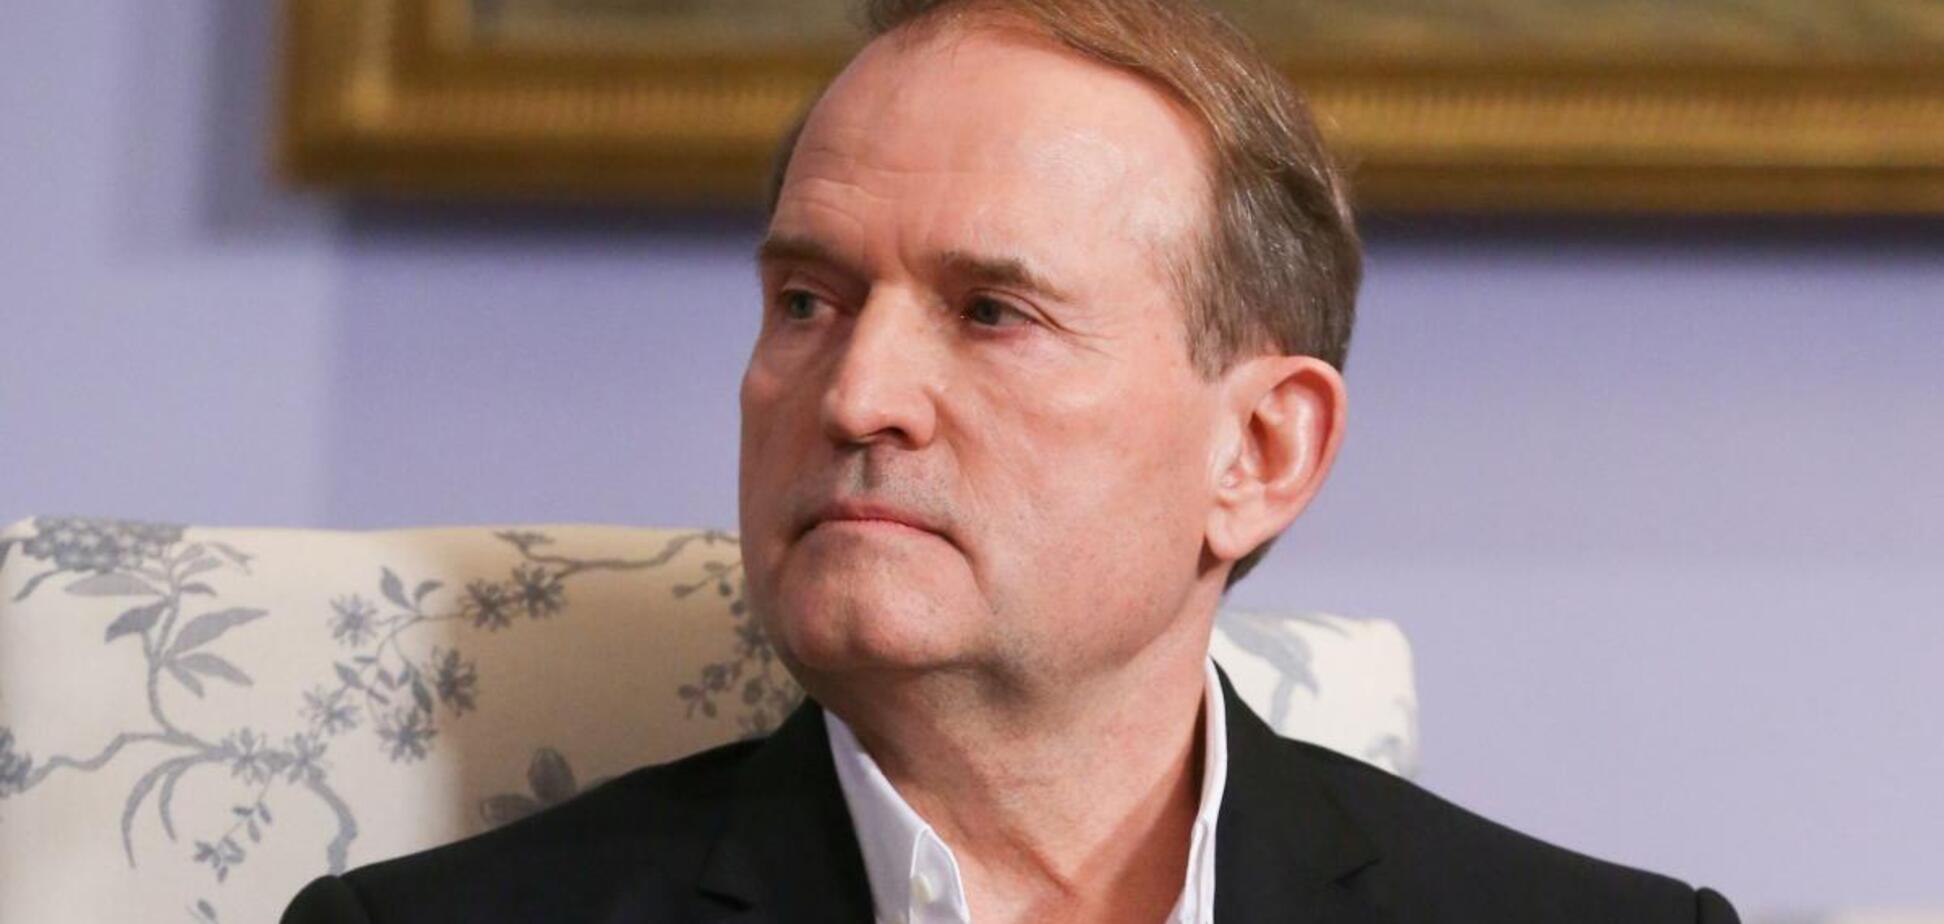 Медведчук прибув в Офіс генпрокурора й заявив, що готовий до арешту. Відео